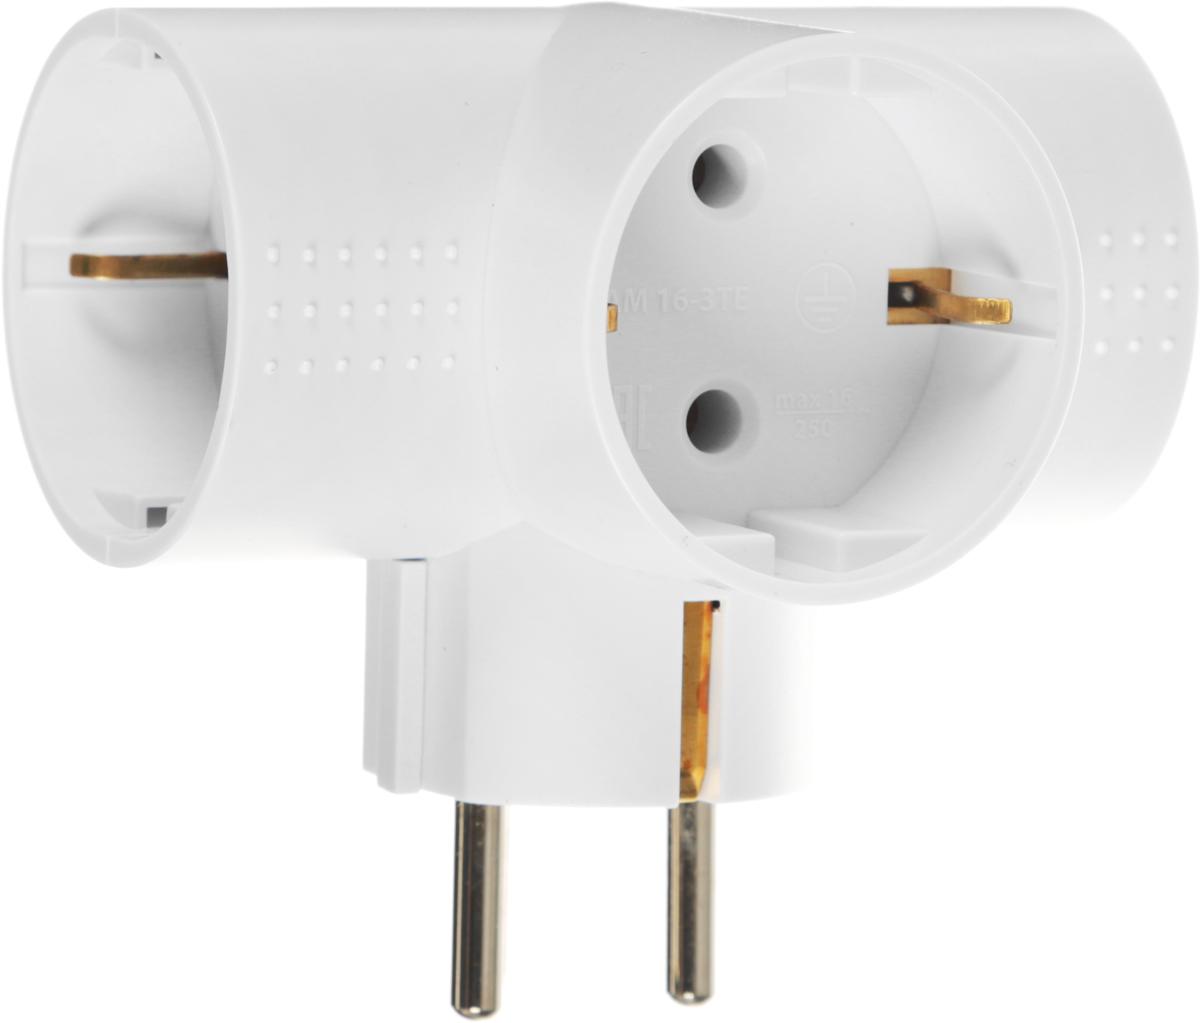 Разветвитель электрический Фотон АМ 16-3ТЕ, 16 А, с заземлением22846Сетевой разветвитель (тройник) Фотон АМ 16-3ТЕ предназначен для бытового применения в помещениях и обеспечивает возможность присоединения электрических приемников к однофазным сетям с номинальным напряжением 220В. Позволяет подключить несколько потребителей к одной электрической розетке. Материал корпуса - негорючий пластик с антипиренами, устойчив к механическим повреждениям, соответствует требованиям пожаробезопасности. Наличие заземляющего контакта: нет. Напряжение номинальное: 220В. Мощность - 4000 Вт. Номинальный ток - max 16 А. Уважаемые клиенты! Обращаем ваше внимание на то, что упаковка может иметь несколько видов дизайна. Поставка осуществляется в зависимости от наличия на складе.